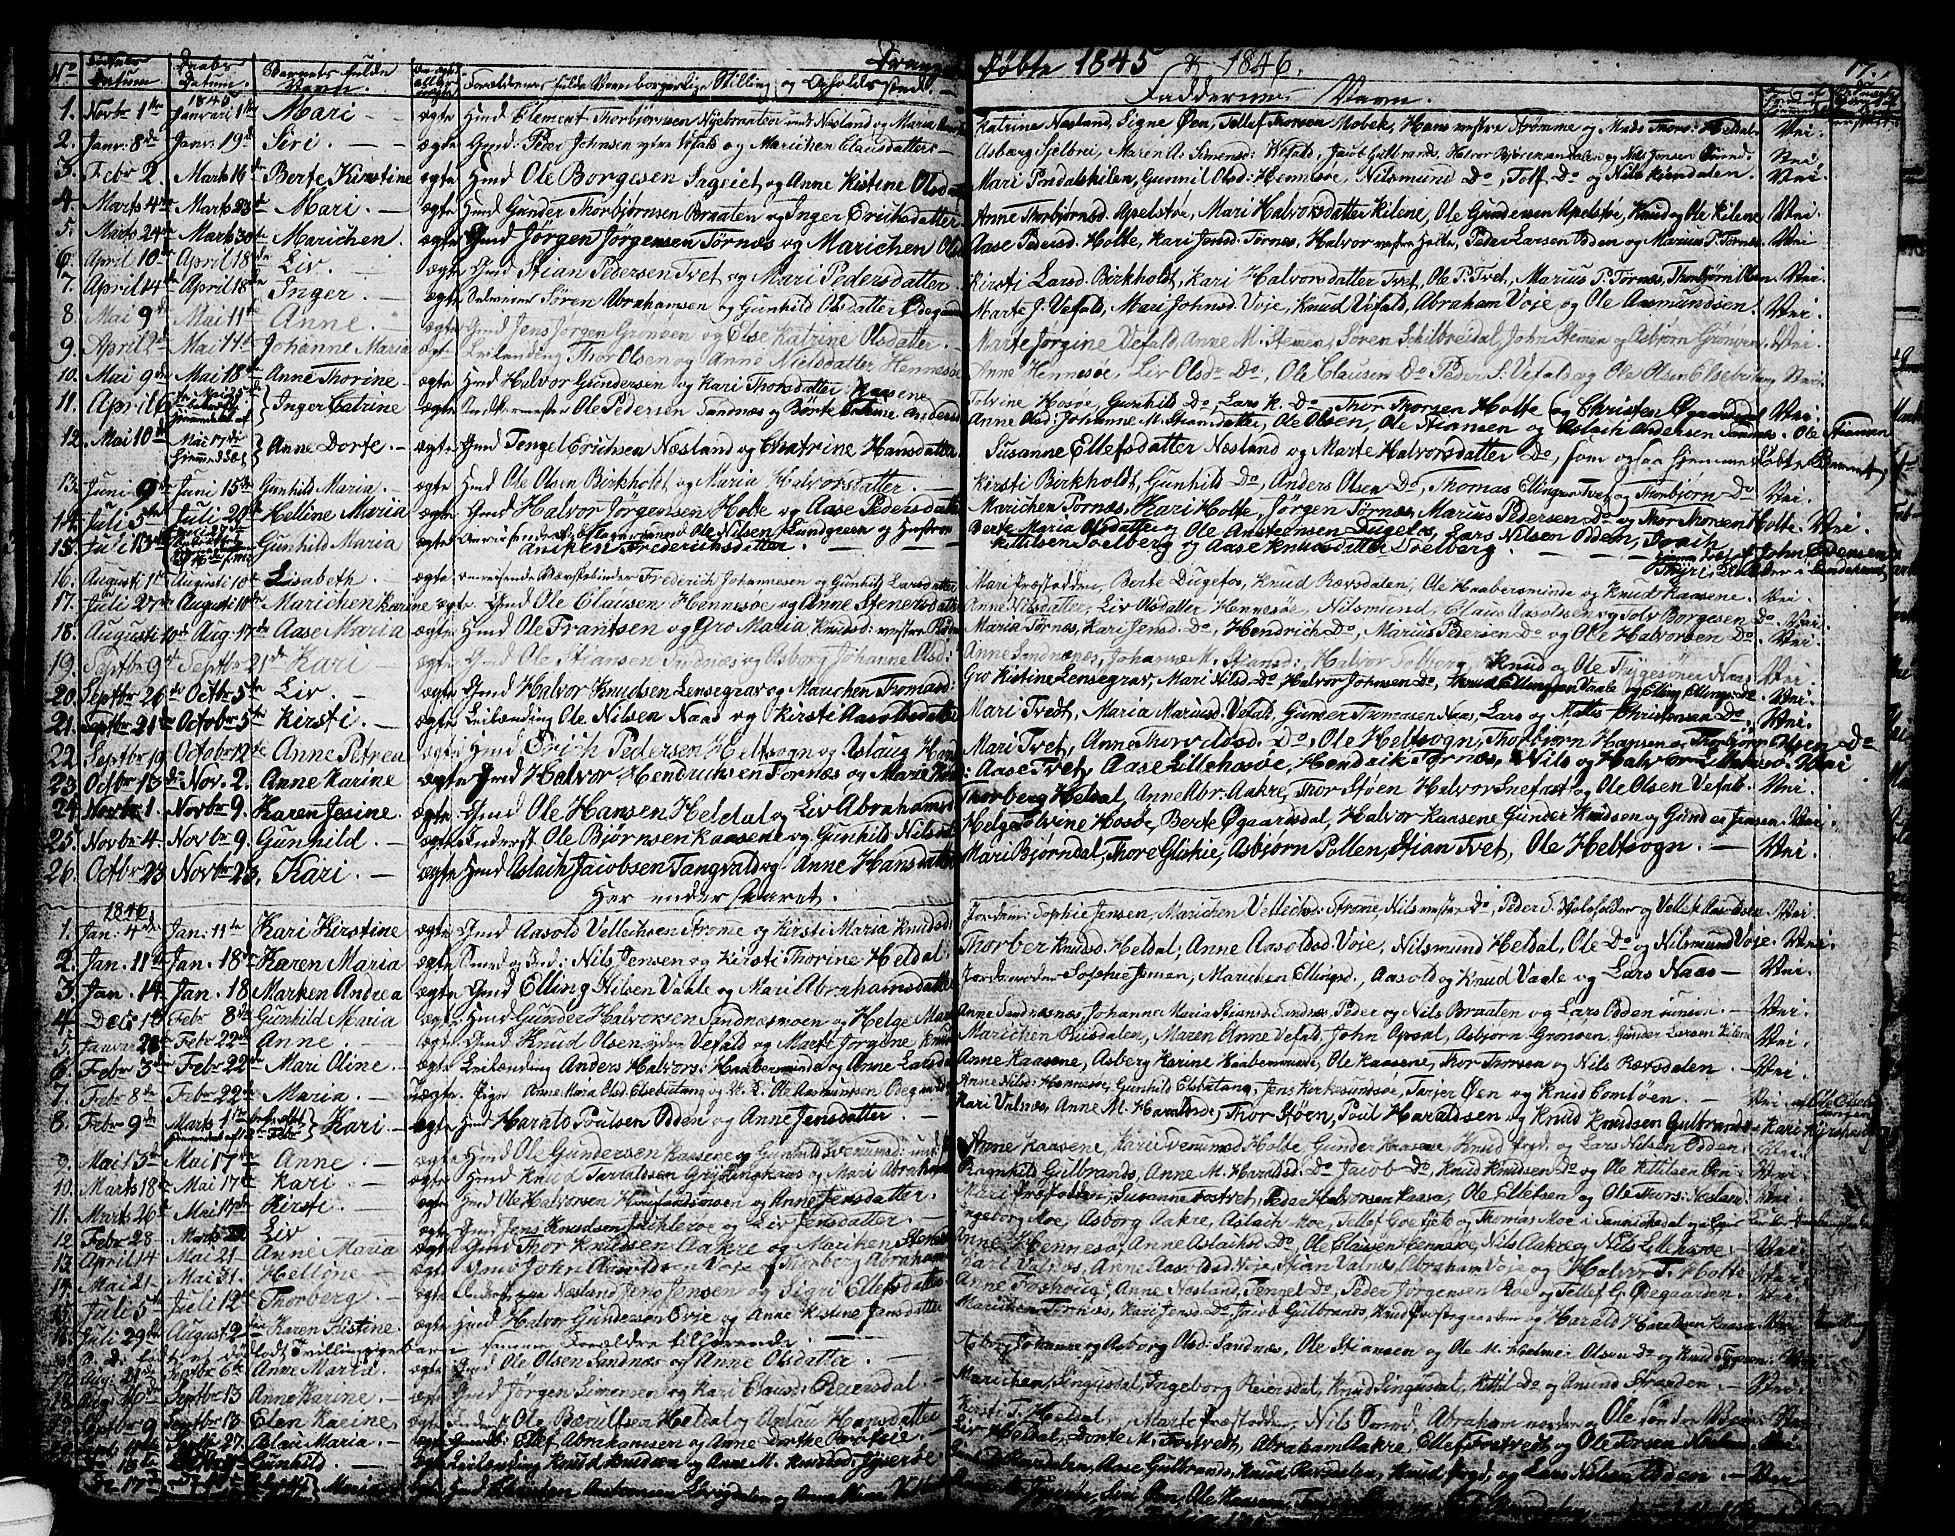 SAKO, Drangedal kirkebøker, G/Ga/L0001: Klokkerbok nr. I 1 /1, 1814-1856, s. 17